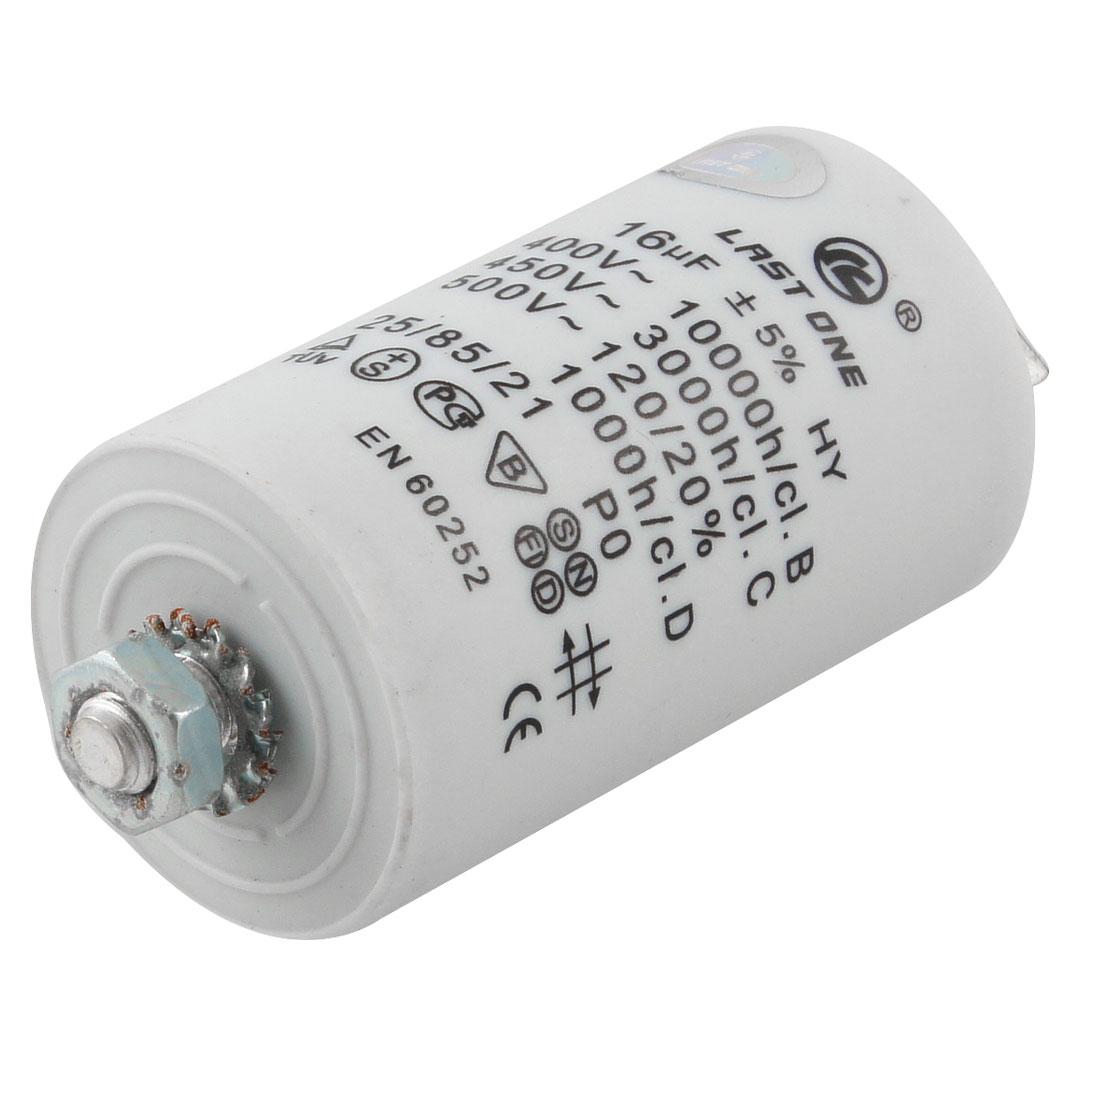 Washing Machine AC 450V 16uF 8mm Thread Non Polar Motor Running Capacitor